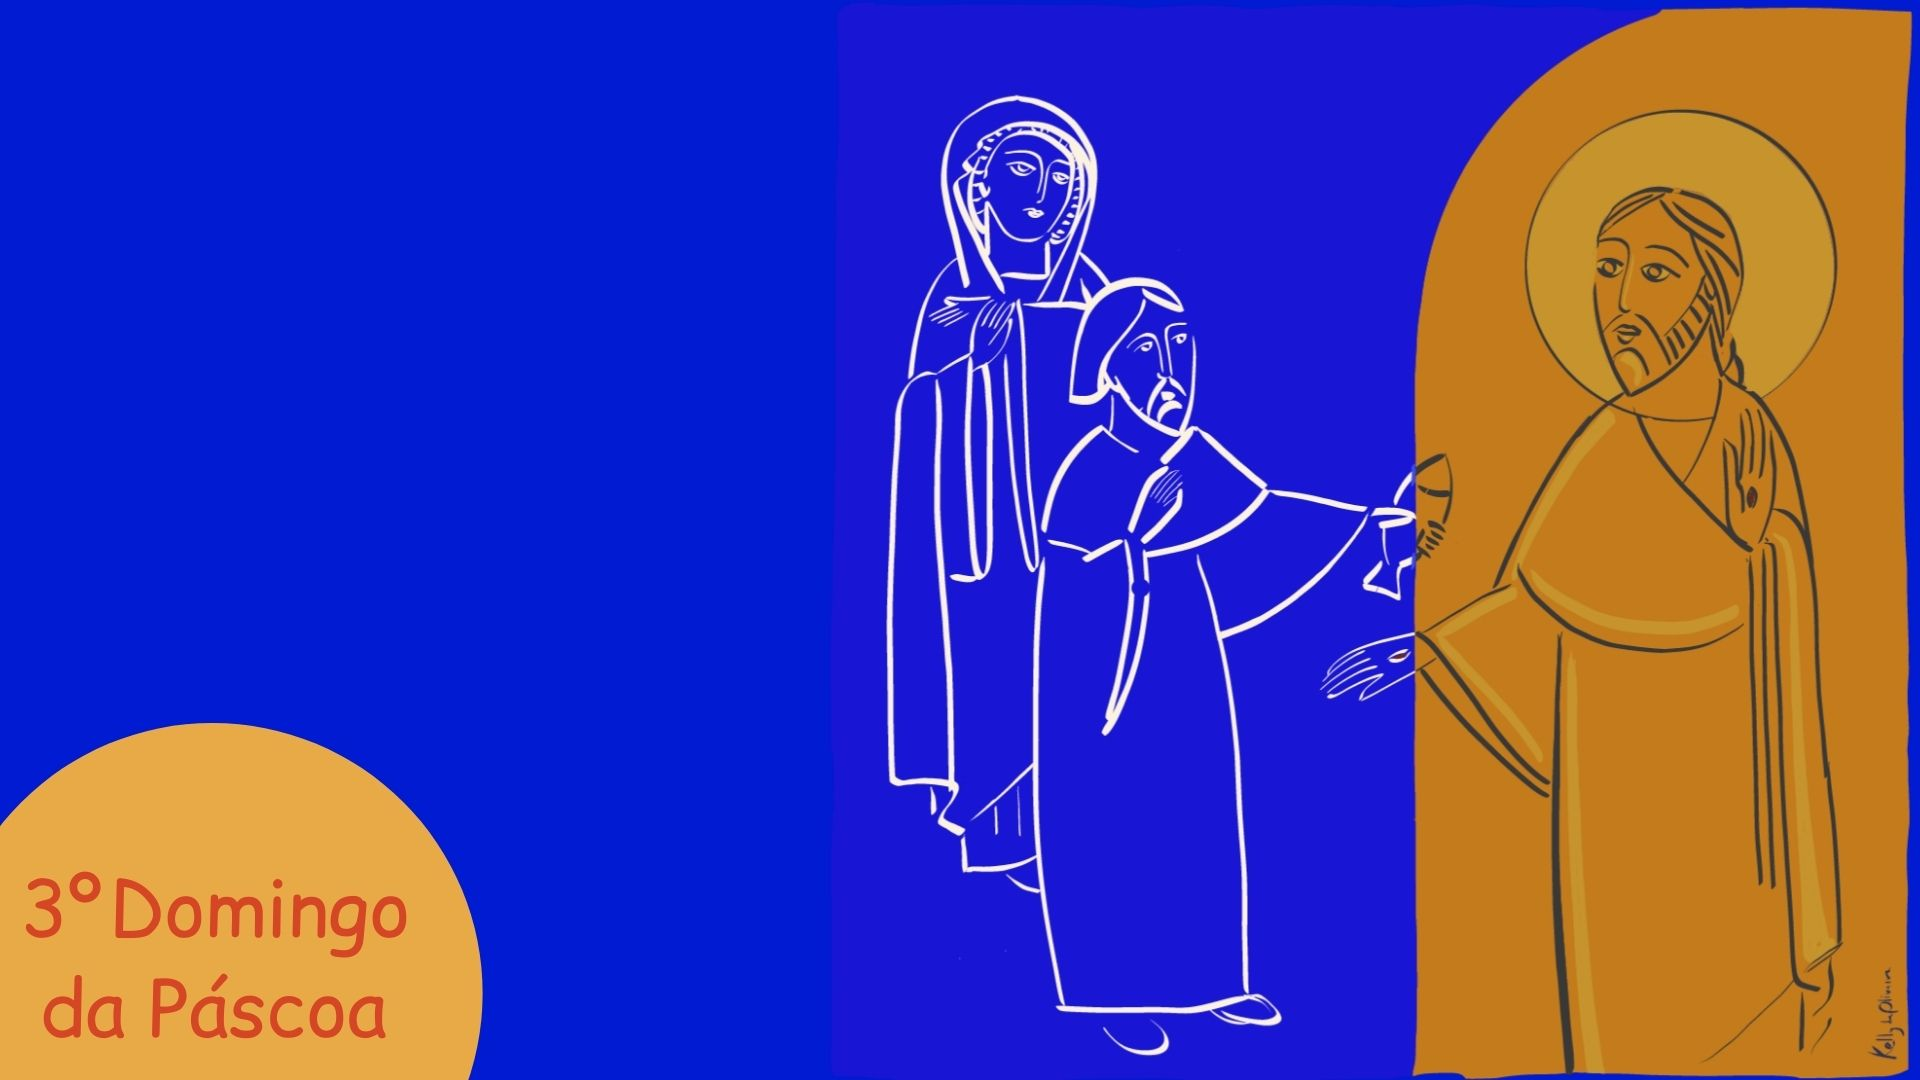 3º Domingo da Páscoa- Domingo do encontro do Ressuscitado  com a comunidade de Jerusalém